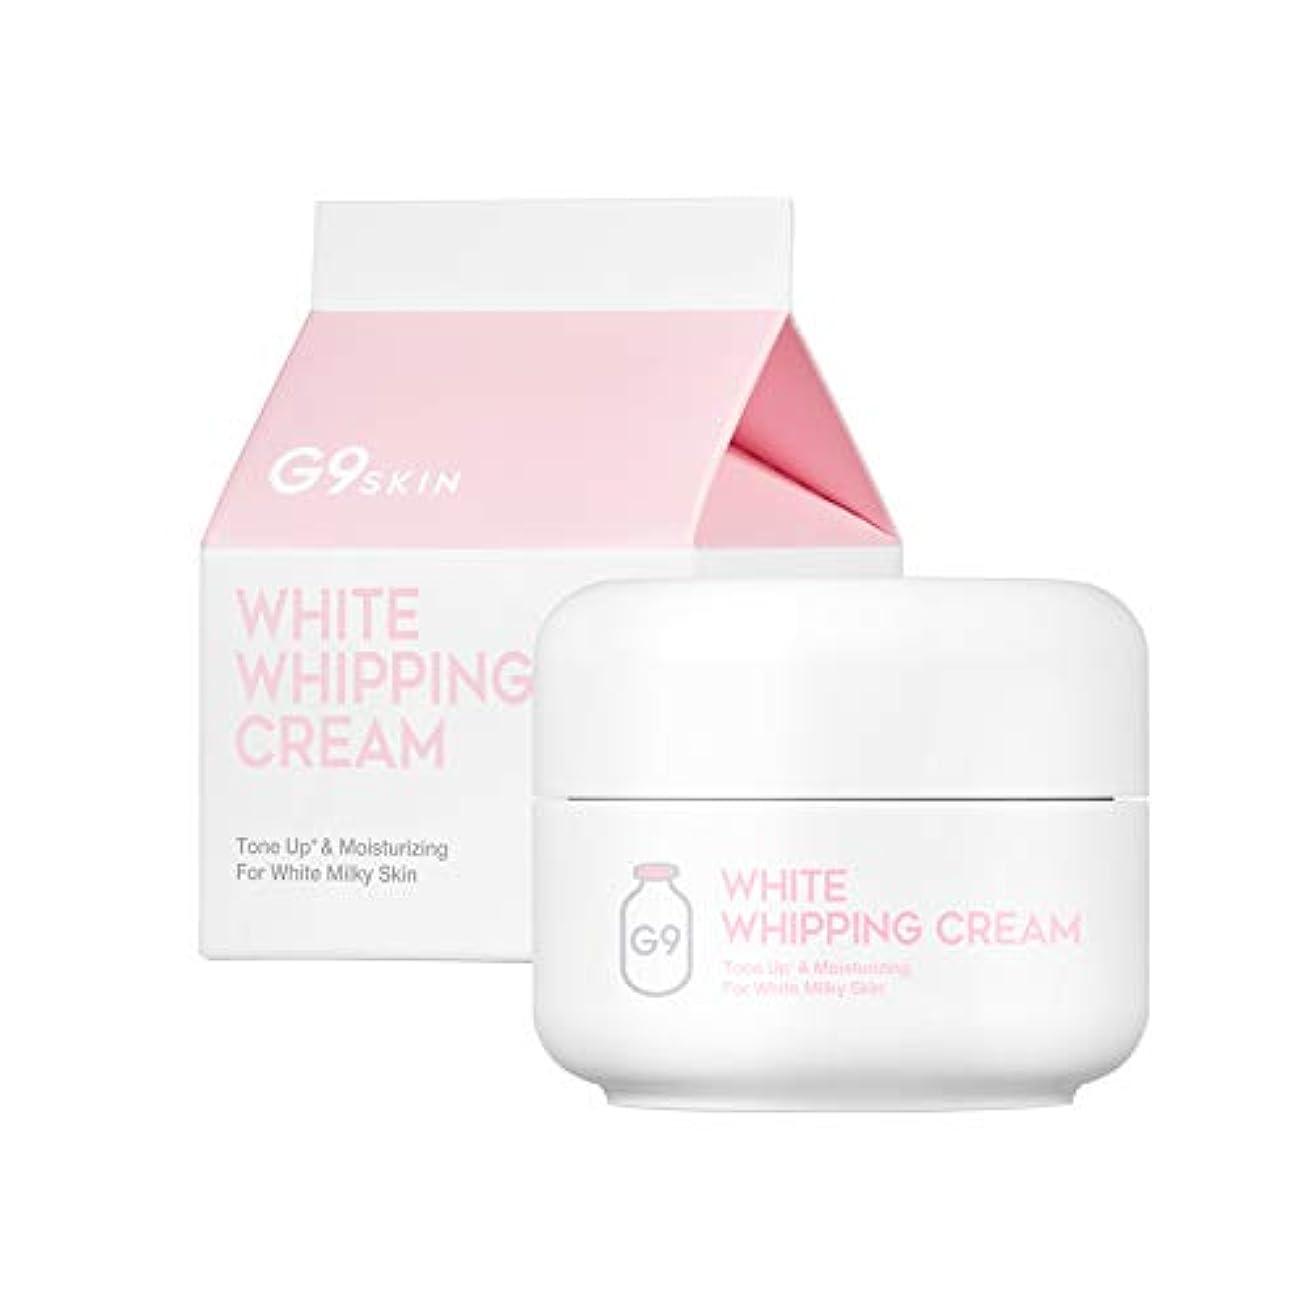 トライアスロン音楽を聴くキャロライン[ジナインスキン] G9SKIN ジーナイン スキン ホワイト フイッピング クリーム (G9 Skin White Whipping Cream) [海外直送品] [並行輸入品]